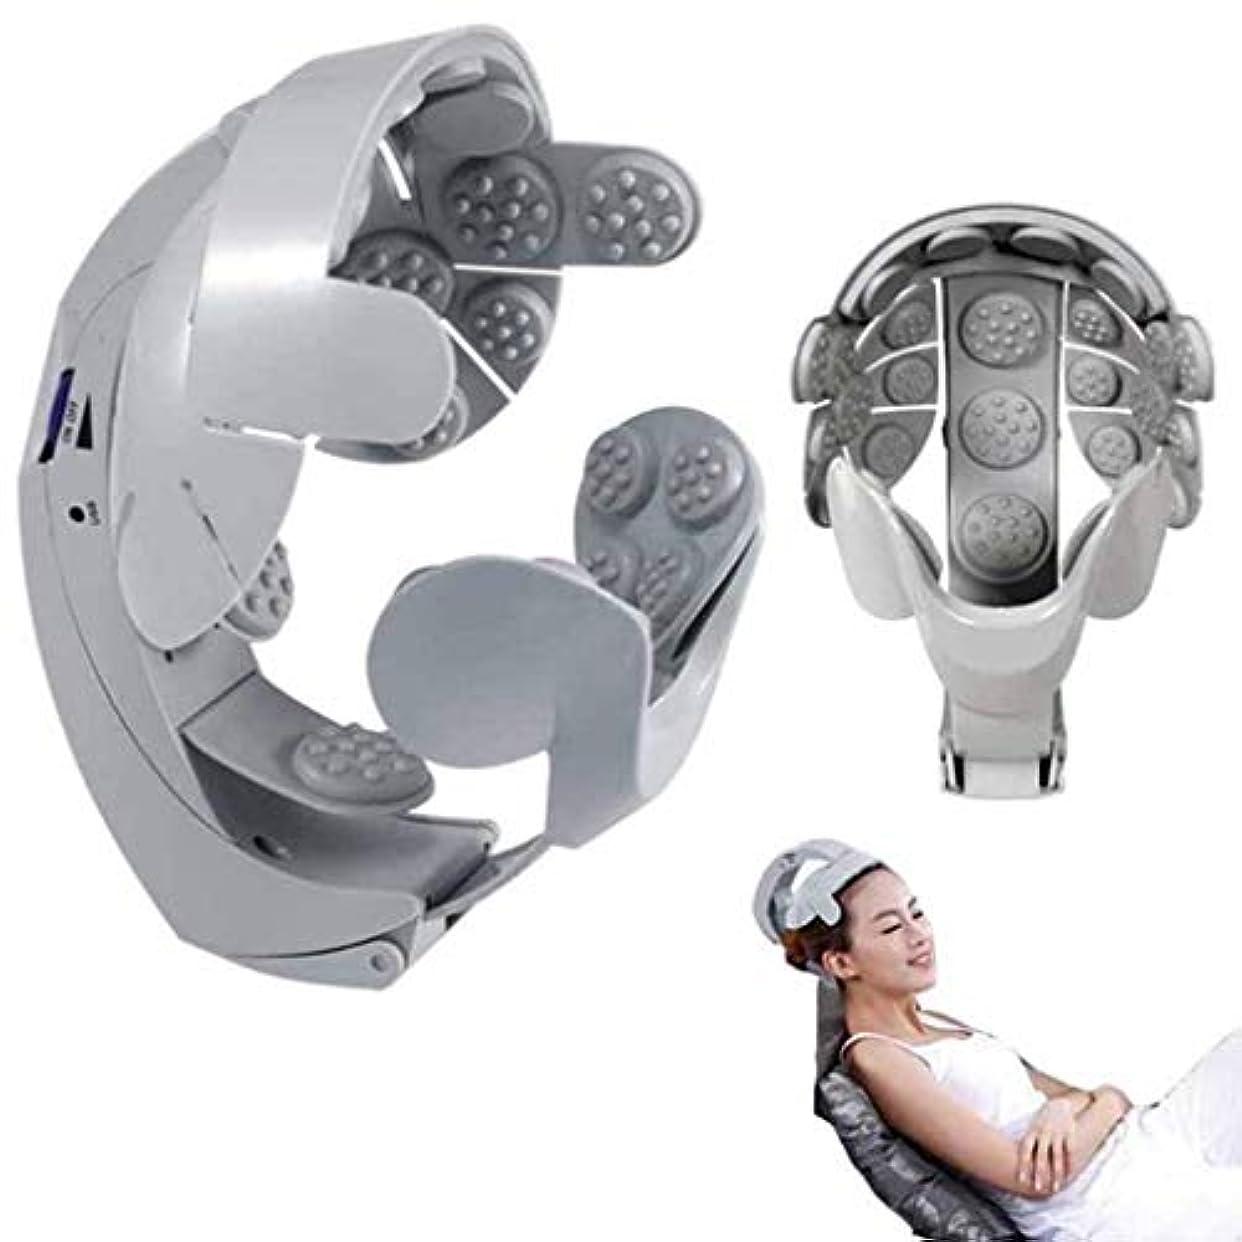 キャンベラ安心させる切手電気ヘッドマッサージャー、8調整可能なヘルメット頭皮鍼治療のポイント、ユーザーフレンドリーなデザイン、脳マッサージは簡単です